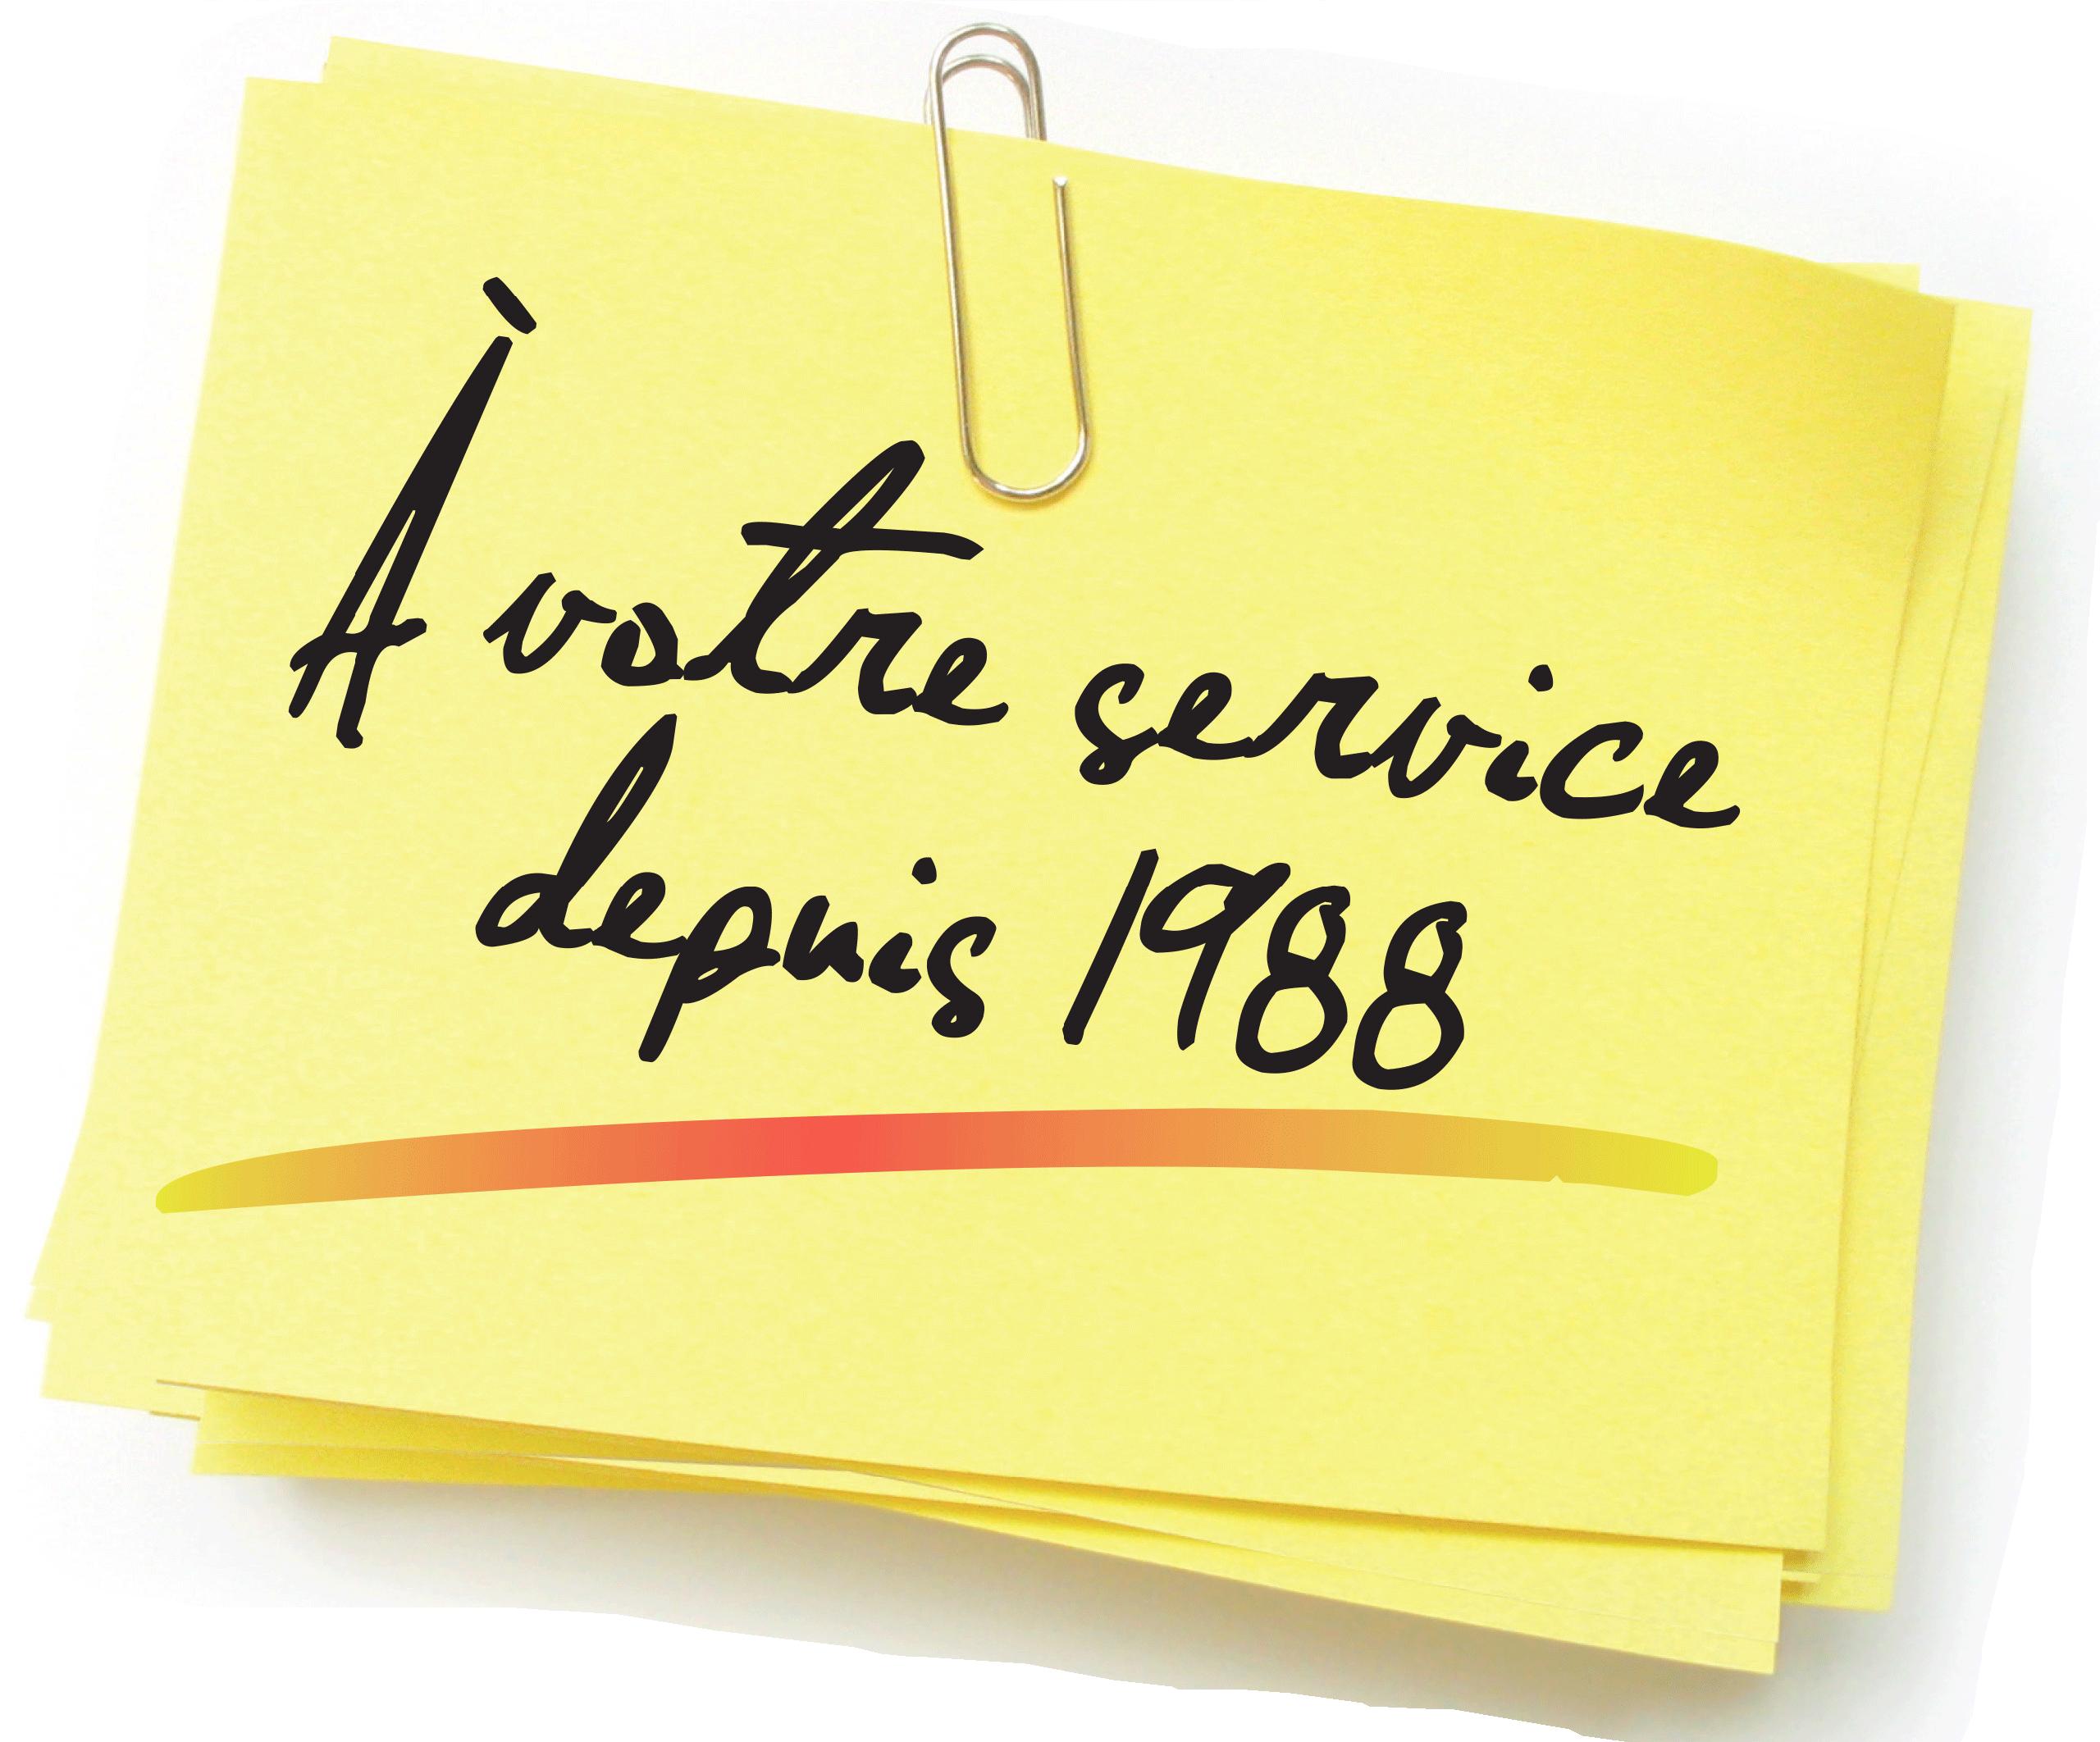 Frances Beir for 3cx - beir telecom & it